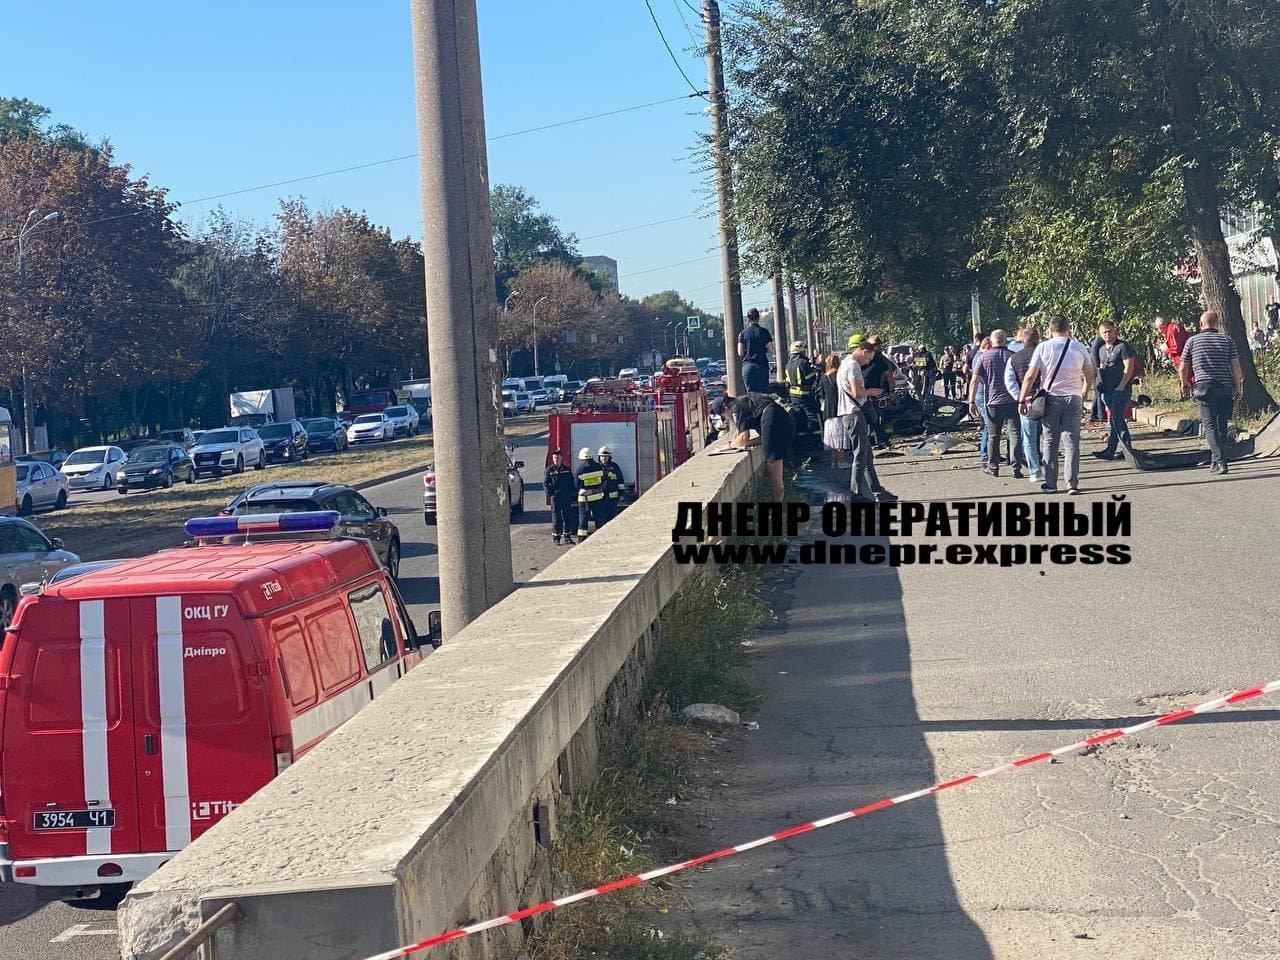 В Днепре от взрыва автомобиль разорвало на части, погибли 2 человека, - ФОТО, фото-7